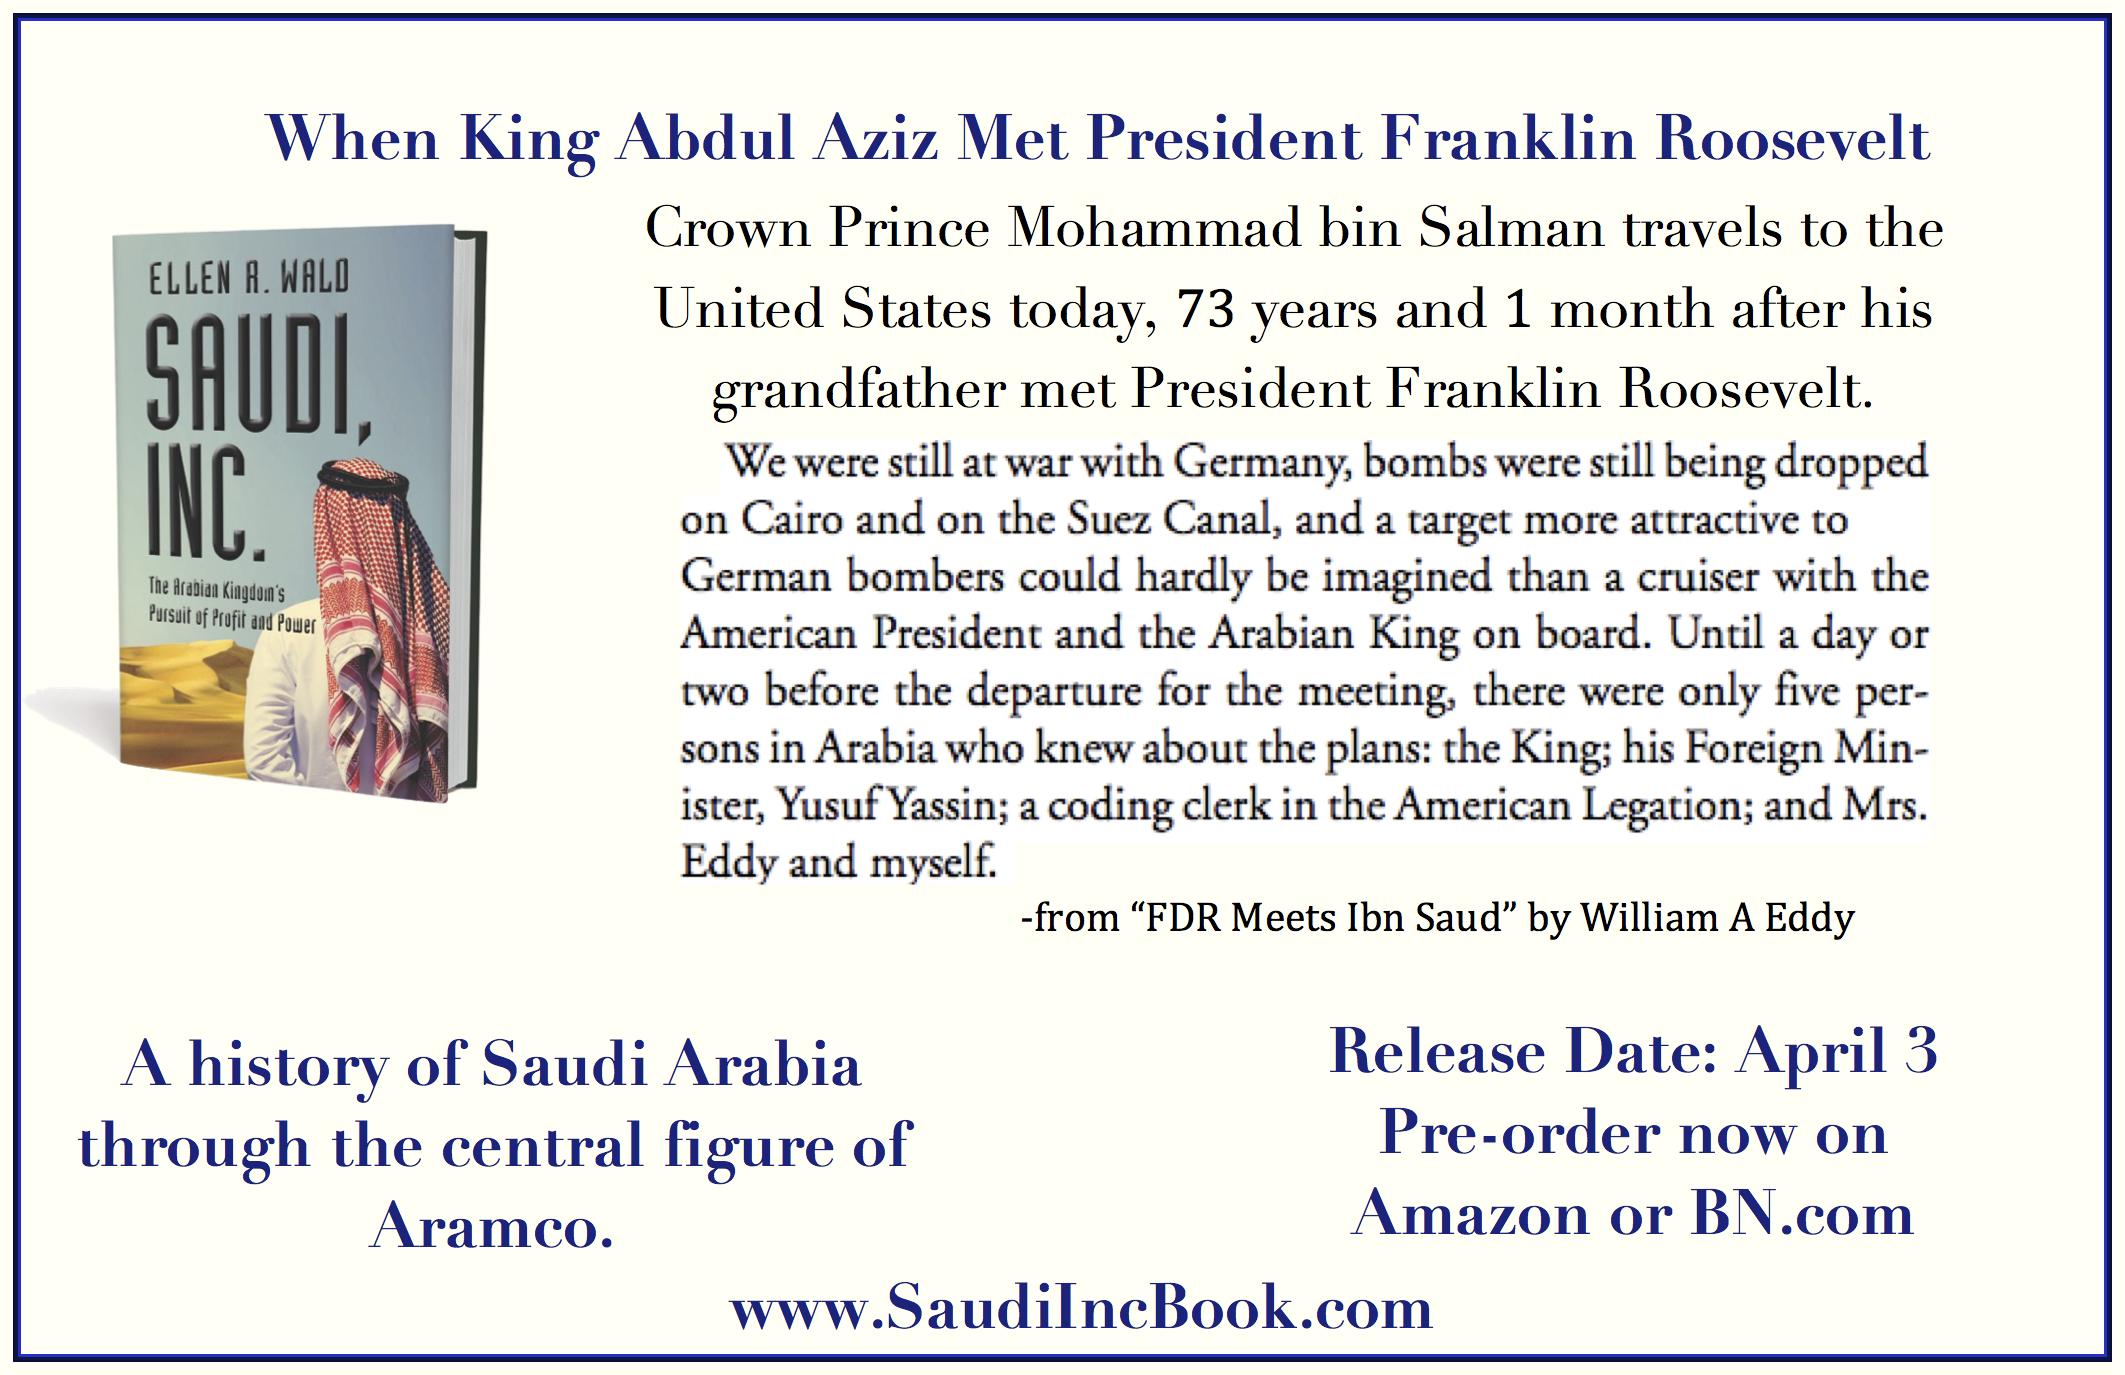 Saudi, Inc. Eddy